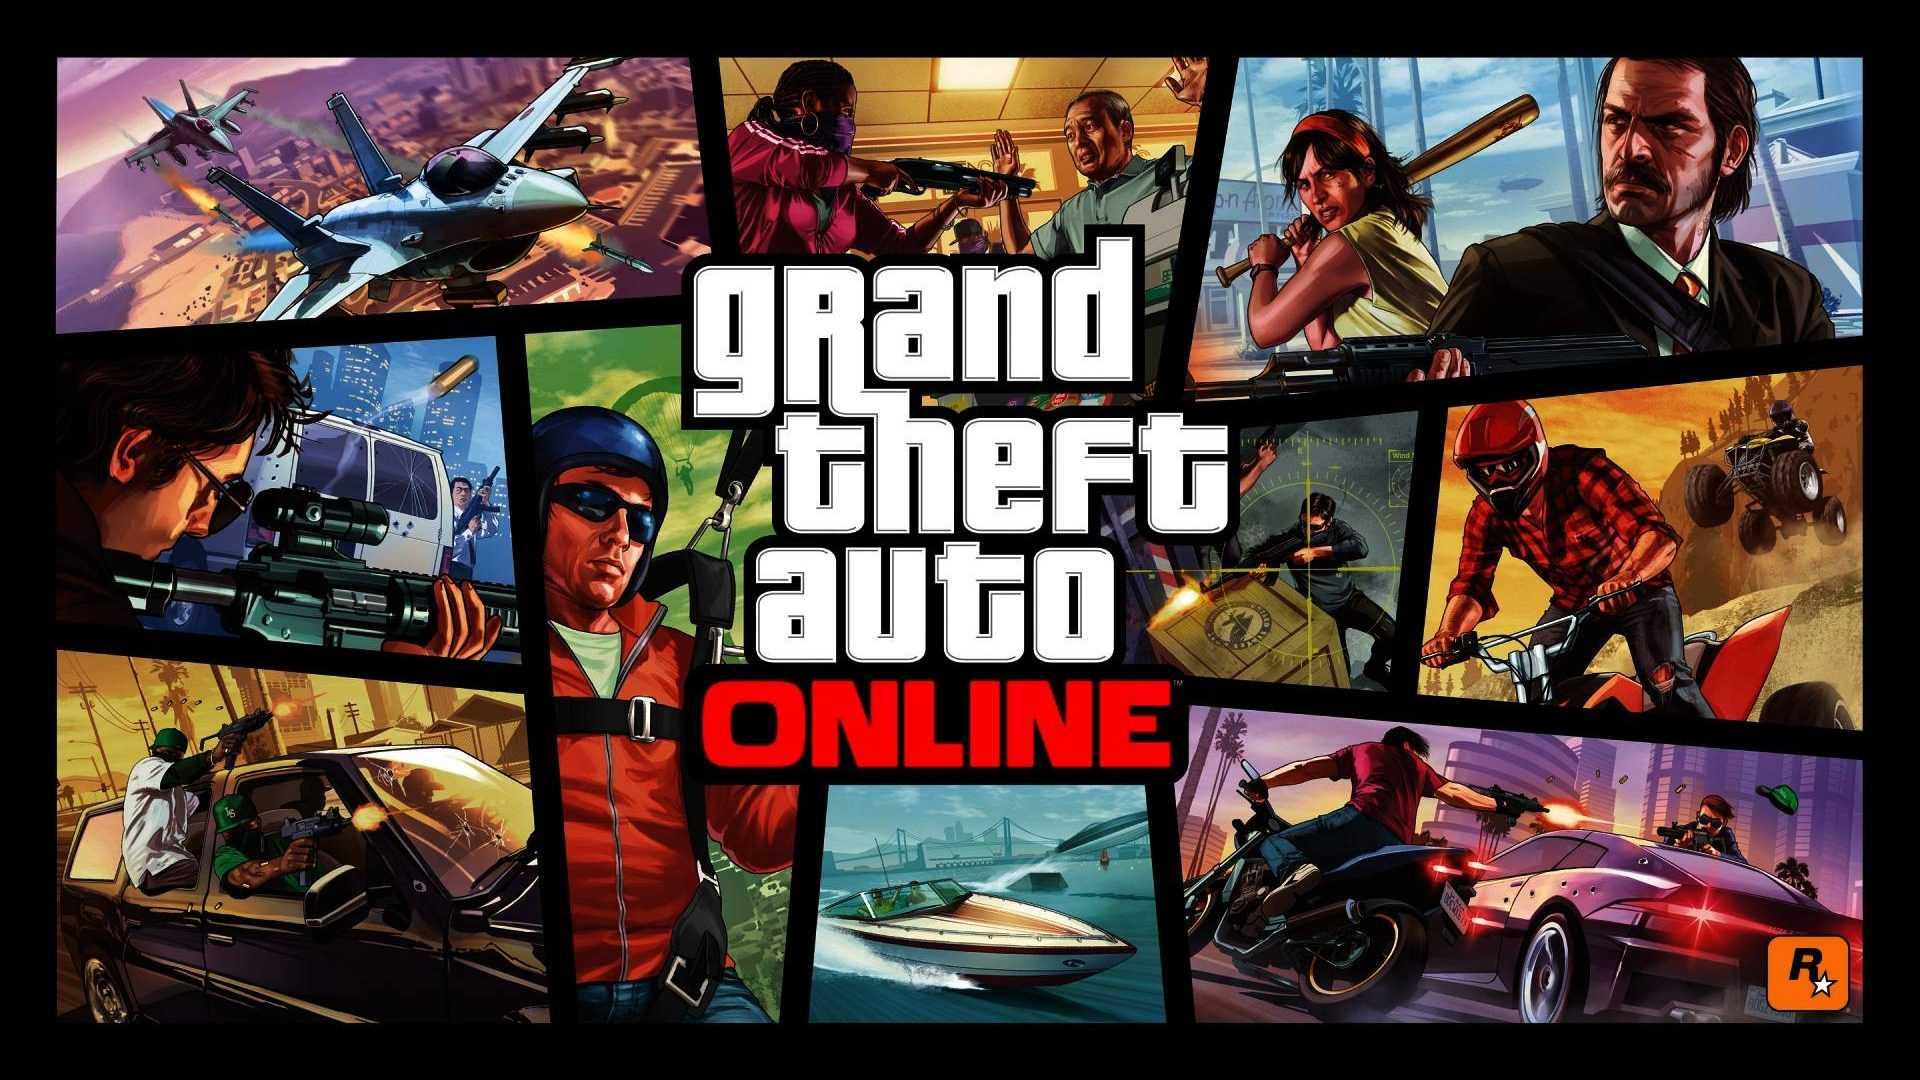 Dona da Rockstar Games tem quase 60% da receita do trimestre vindos de DLC's e Microtransações 13